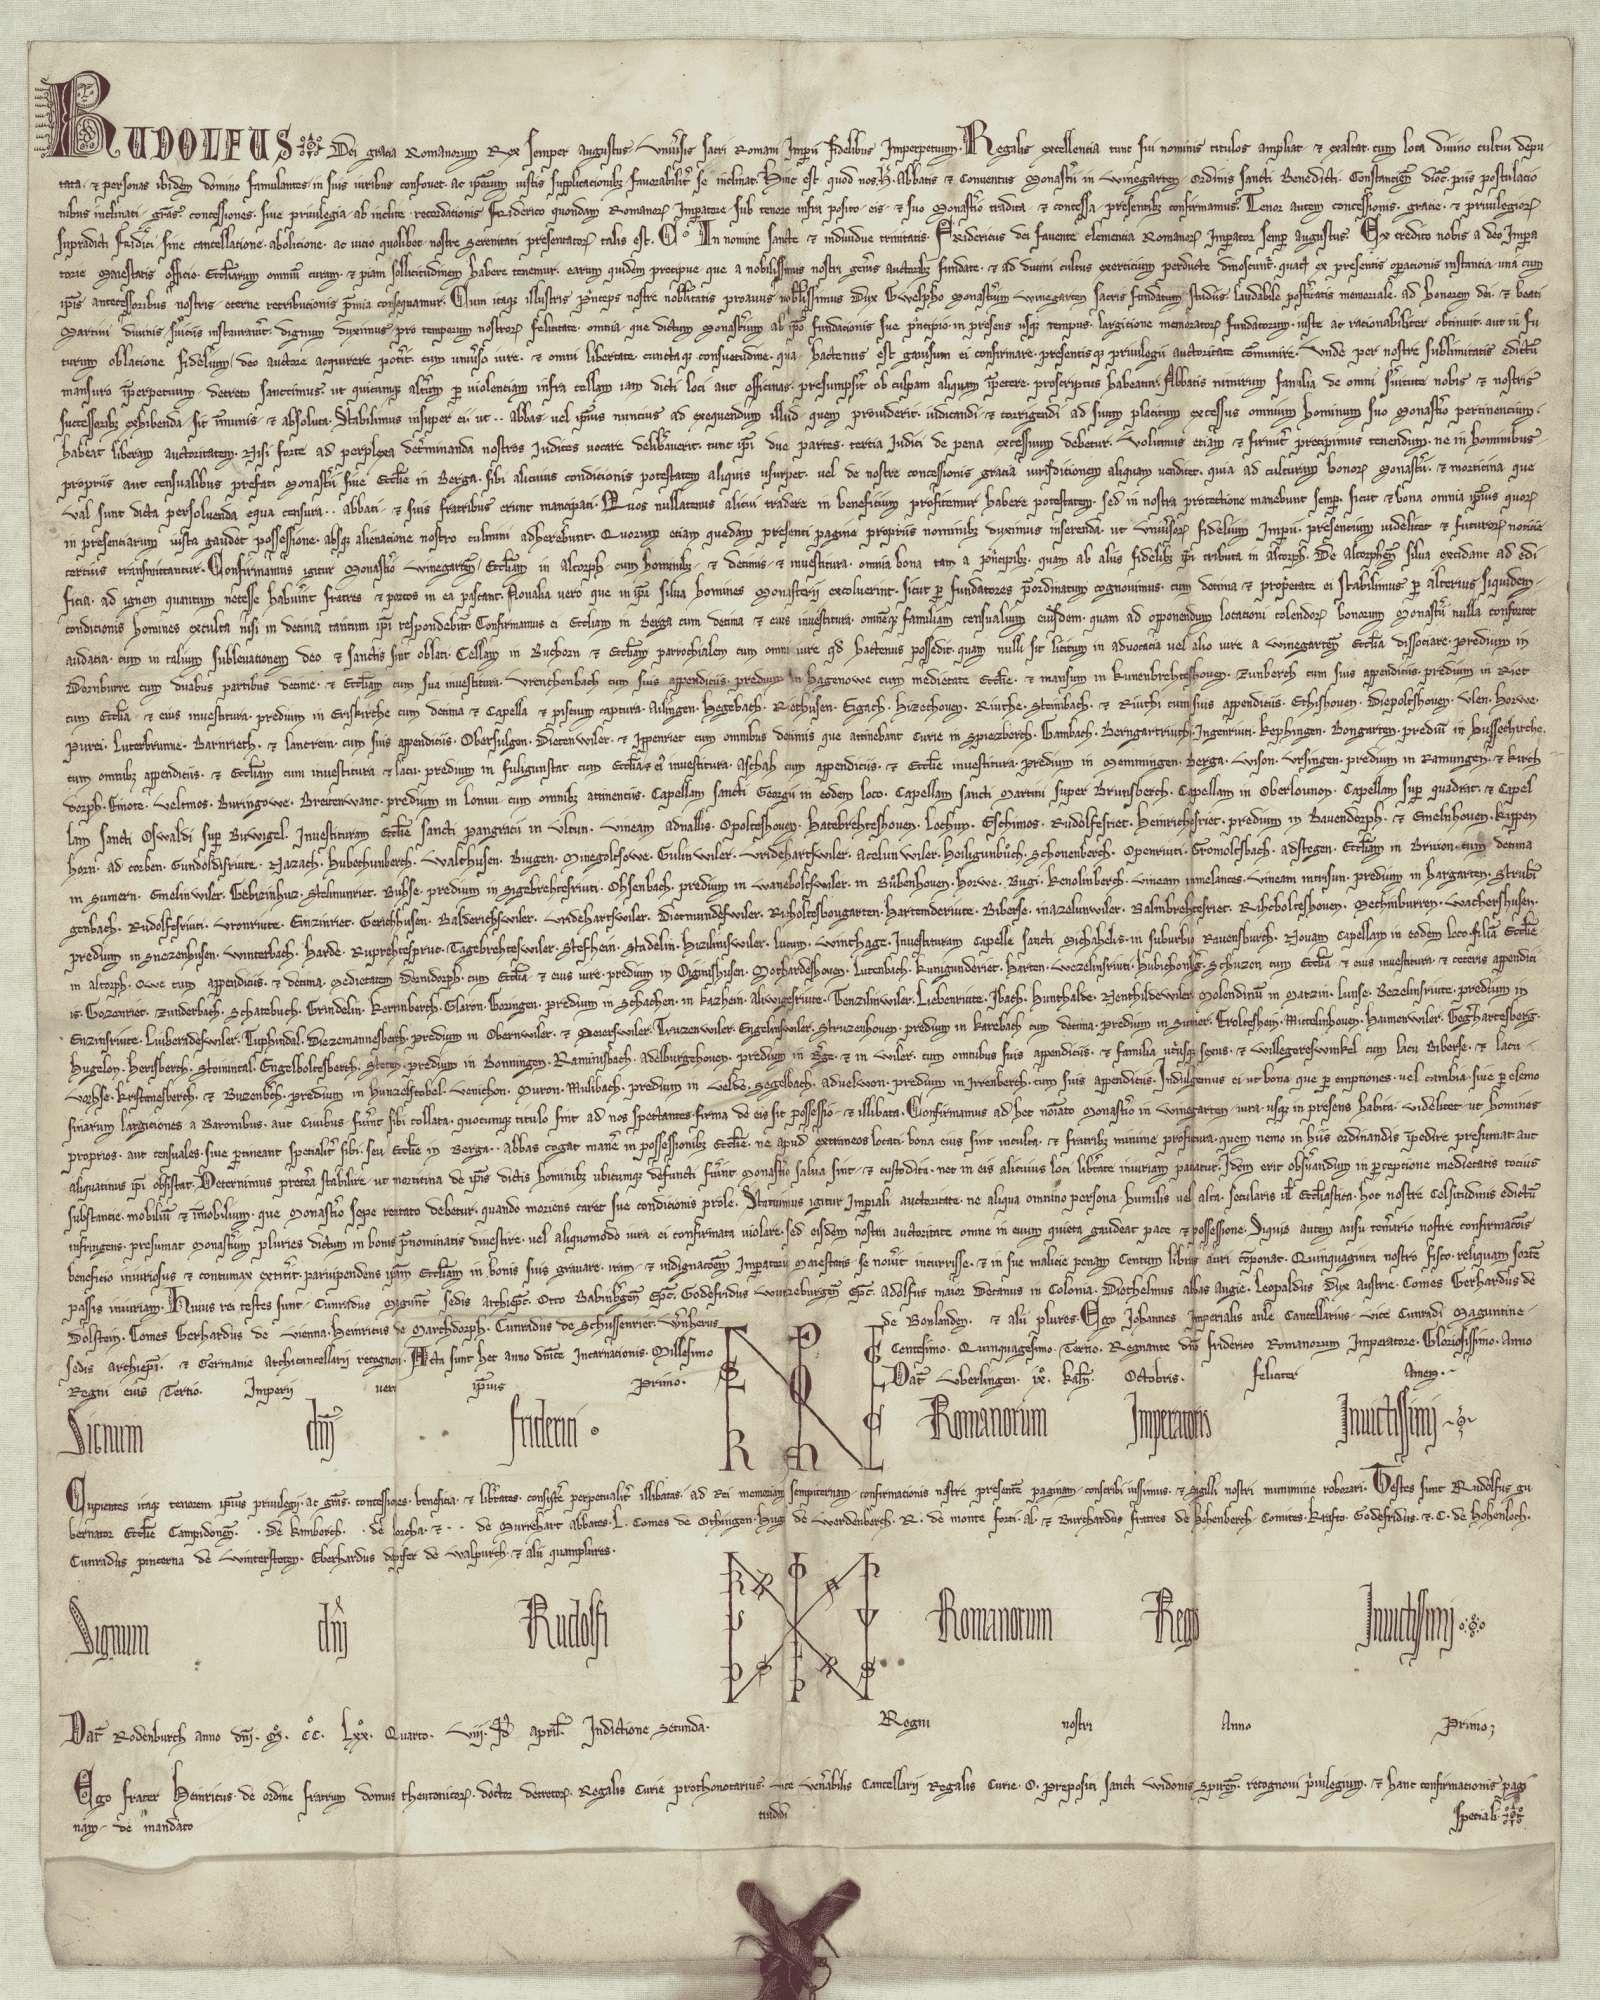 König Rudolf vidimiert und bestätigt dem Kloster Weingarten den falschen Schirmbrief Kaiser Friedrichs I. von 1153 September 23 in der 1. Fassung (Urkunde Nr. 350 in WUB, Bd. II, S. 83–94, Text A)., Bild 1